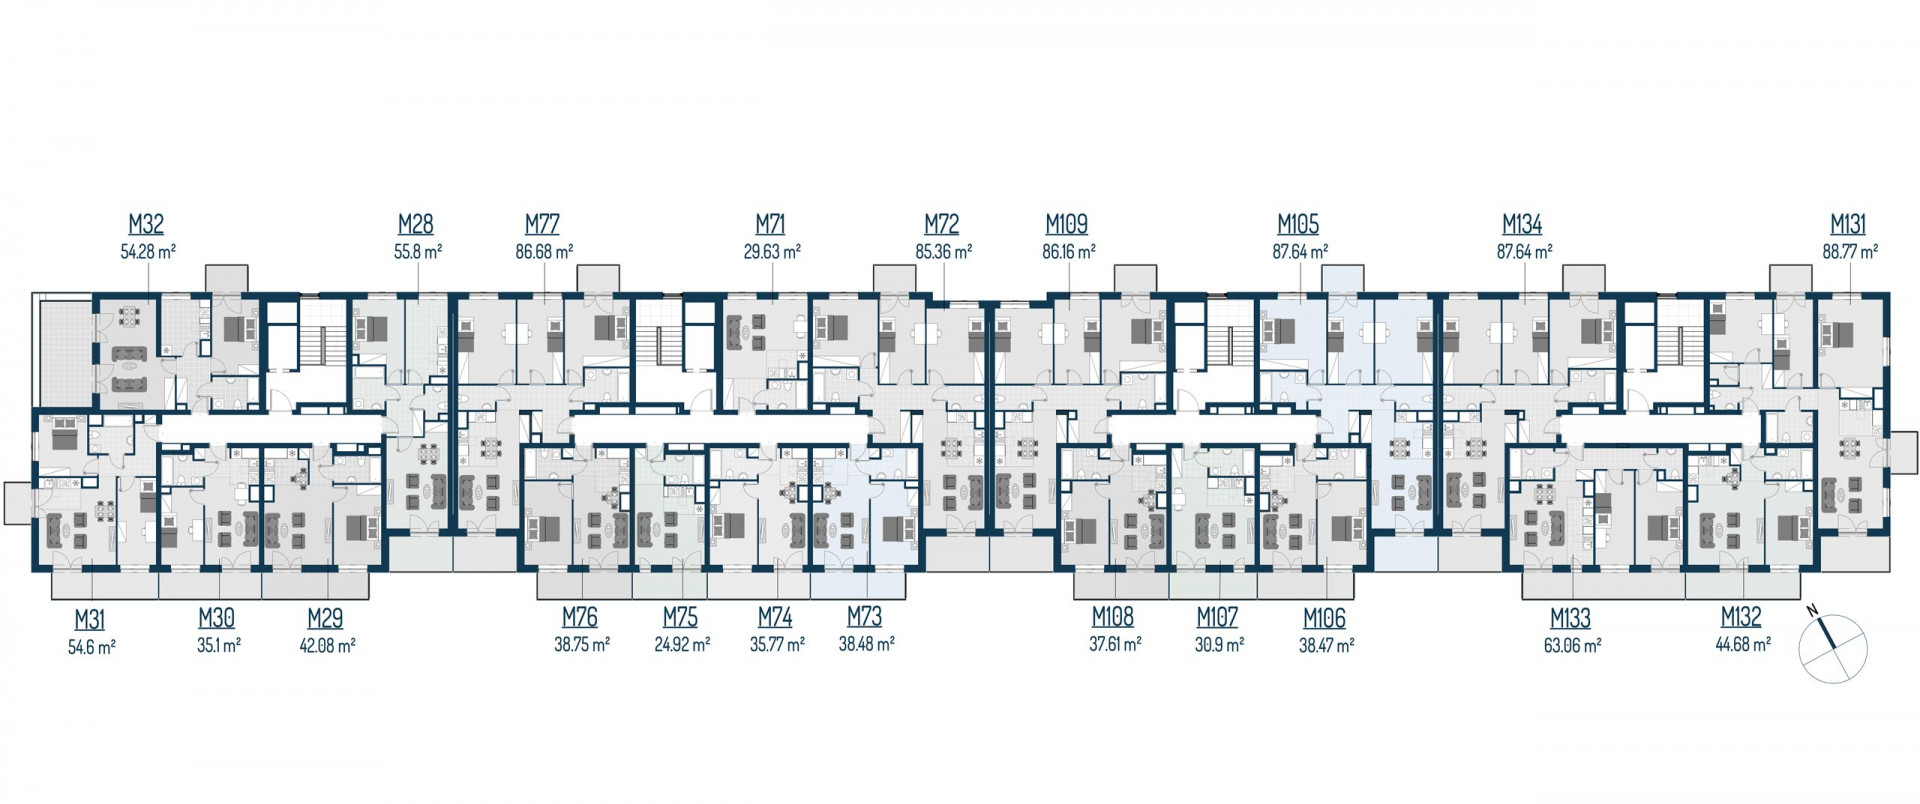 Zdrowe Stylove / budynek 2 / mieszkanie nr 105 rzut 2